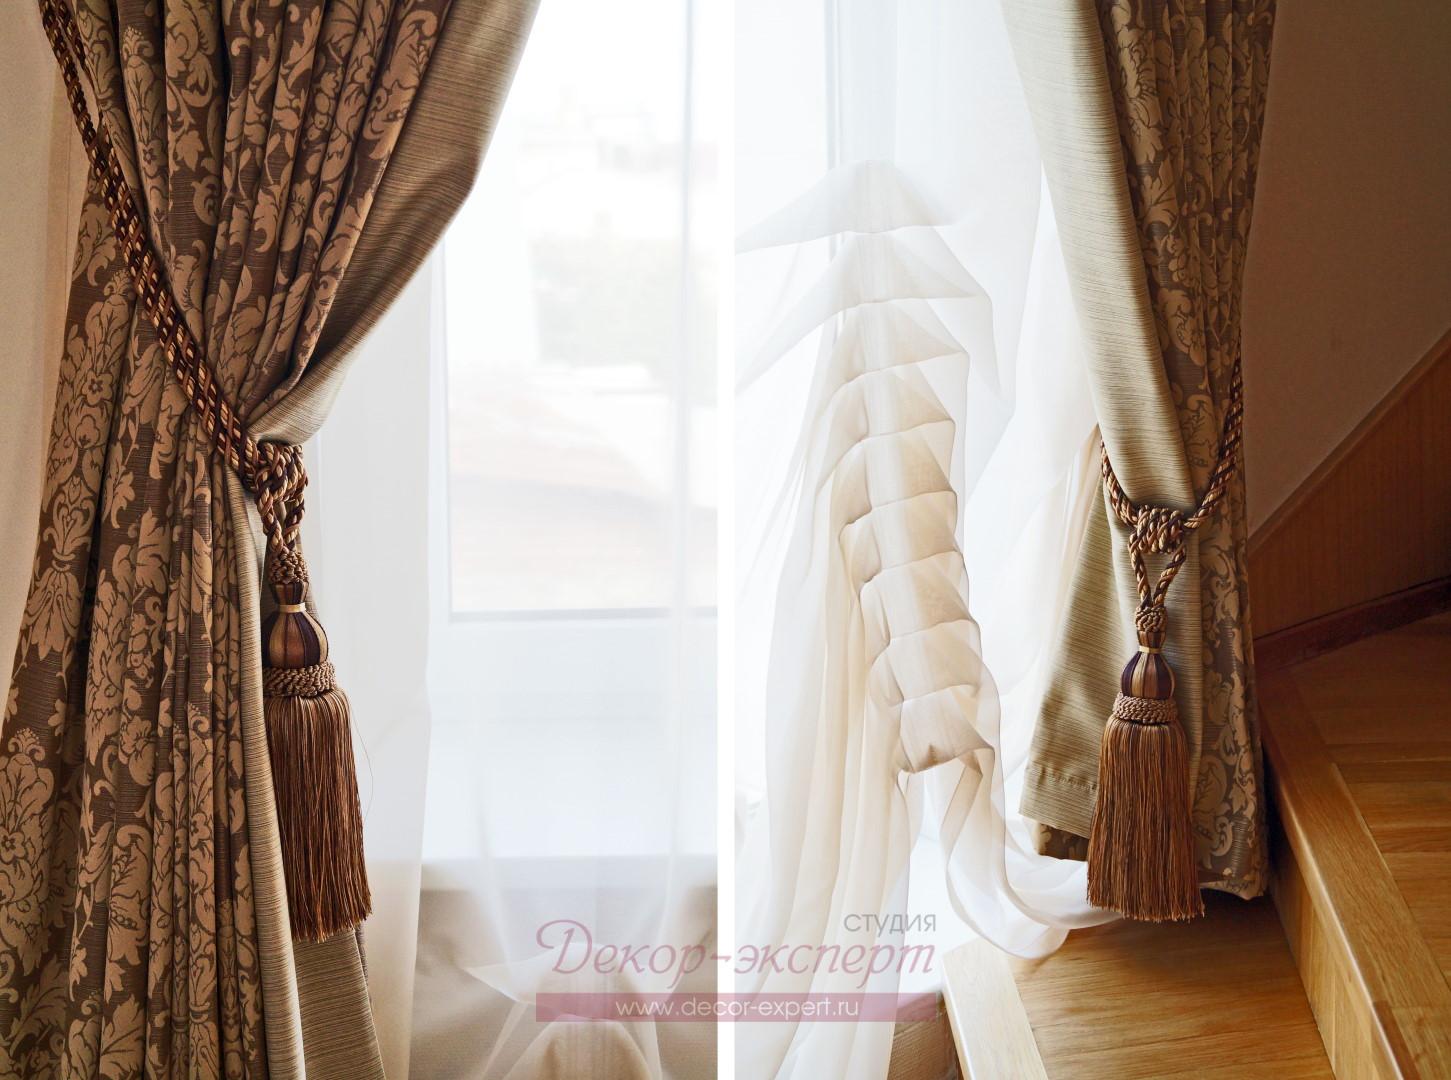 Декоративные кисти для штор в классическом стиле у лестницы.